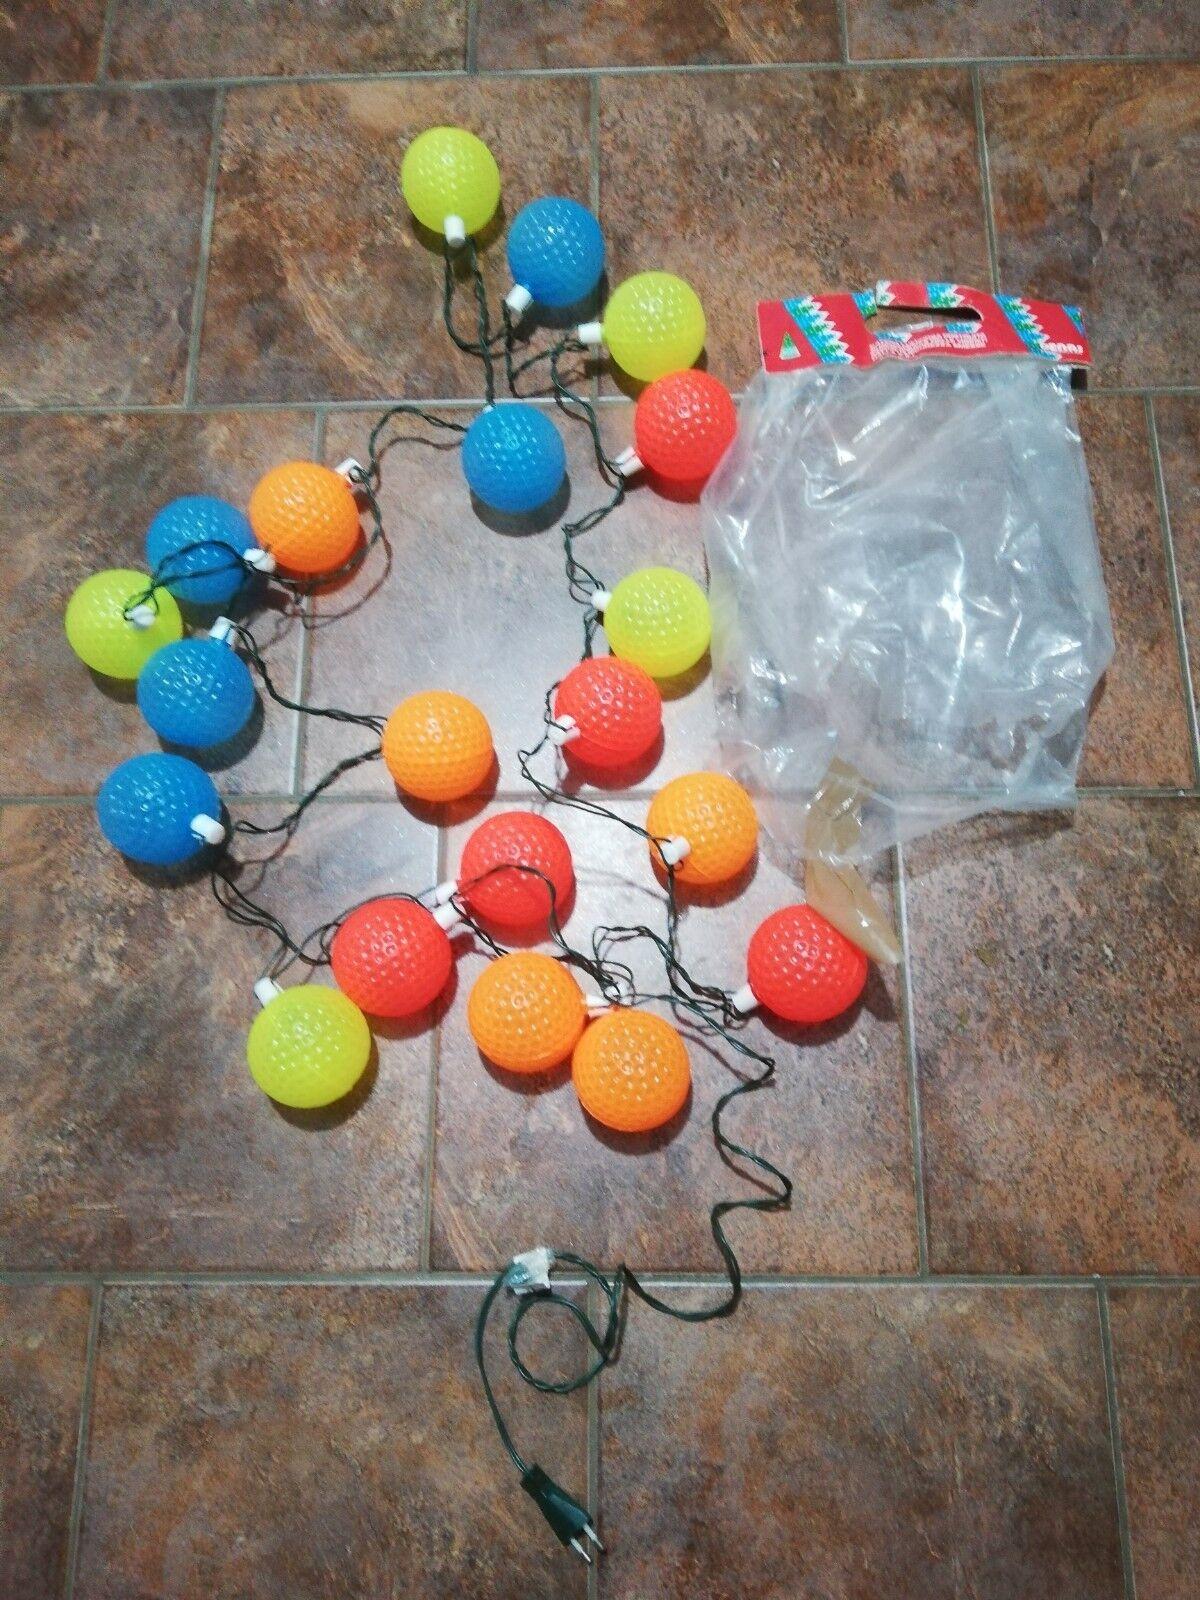 Catena Luci Di Natale vintage Con palle palle palle Luci Intermittenti Denas come nuovo fd4725